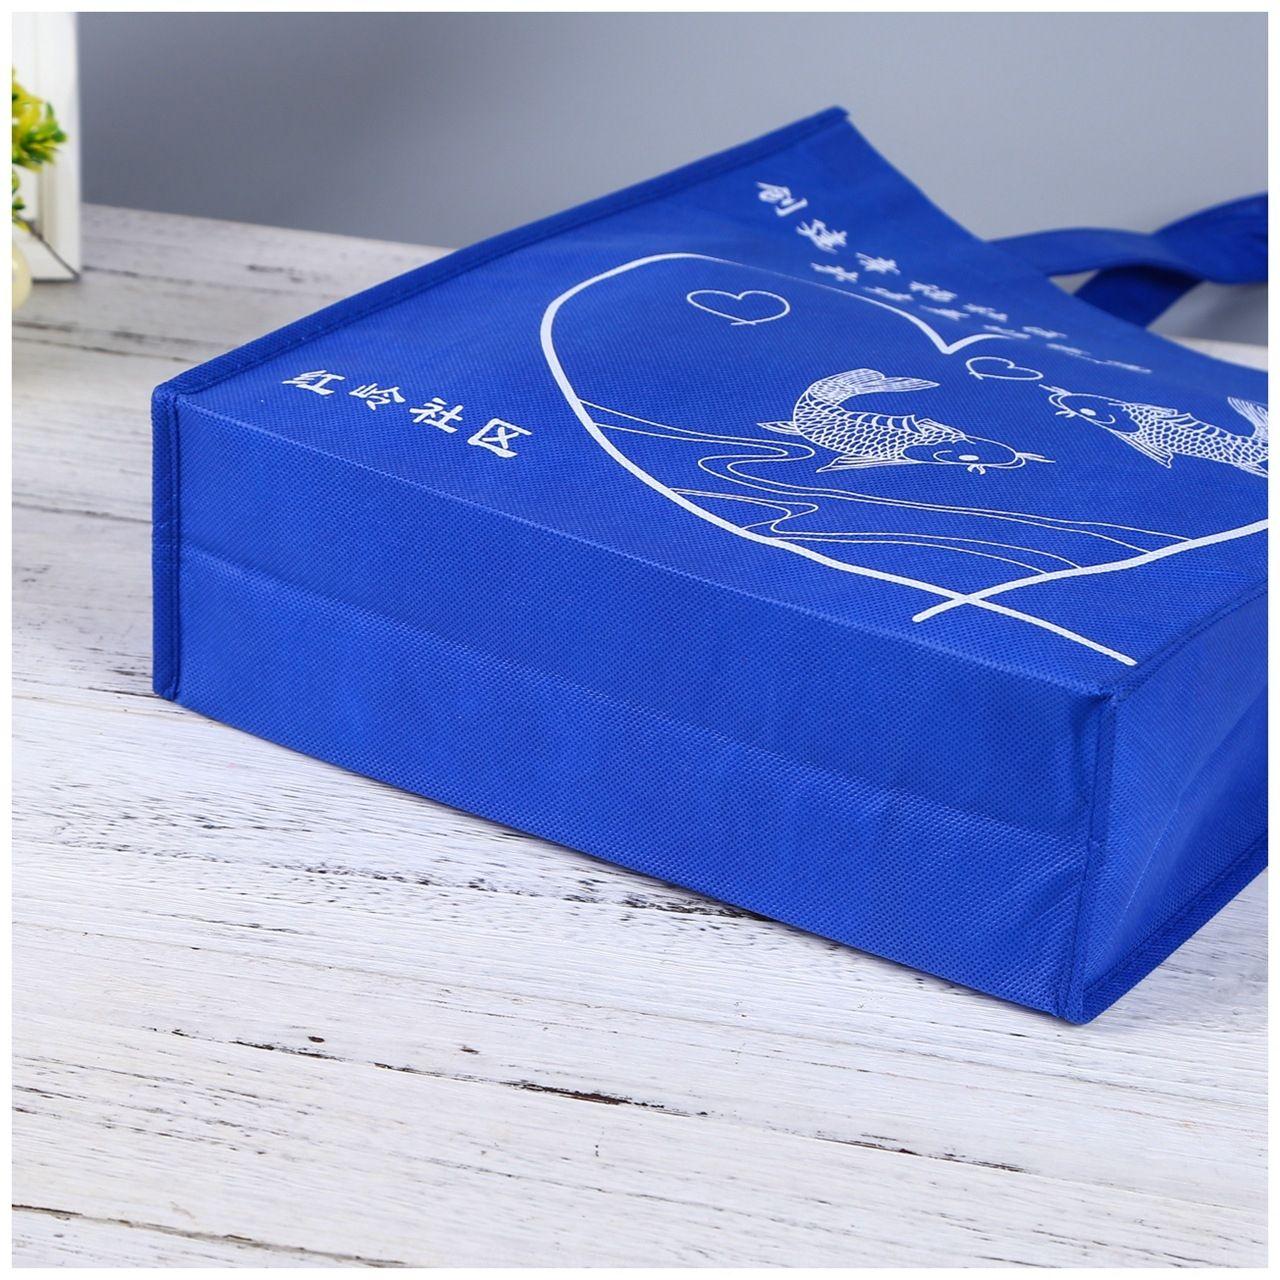 Professional Shopping non-woven creative exquisite coated non-woven handbag stereo shopping bag